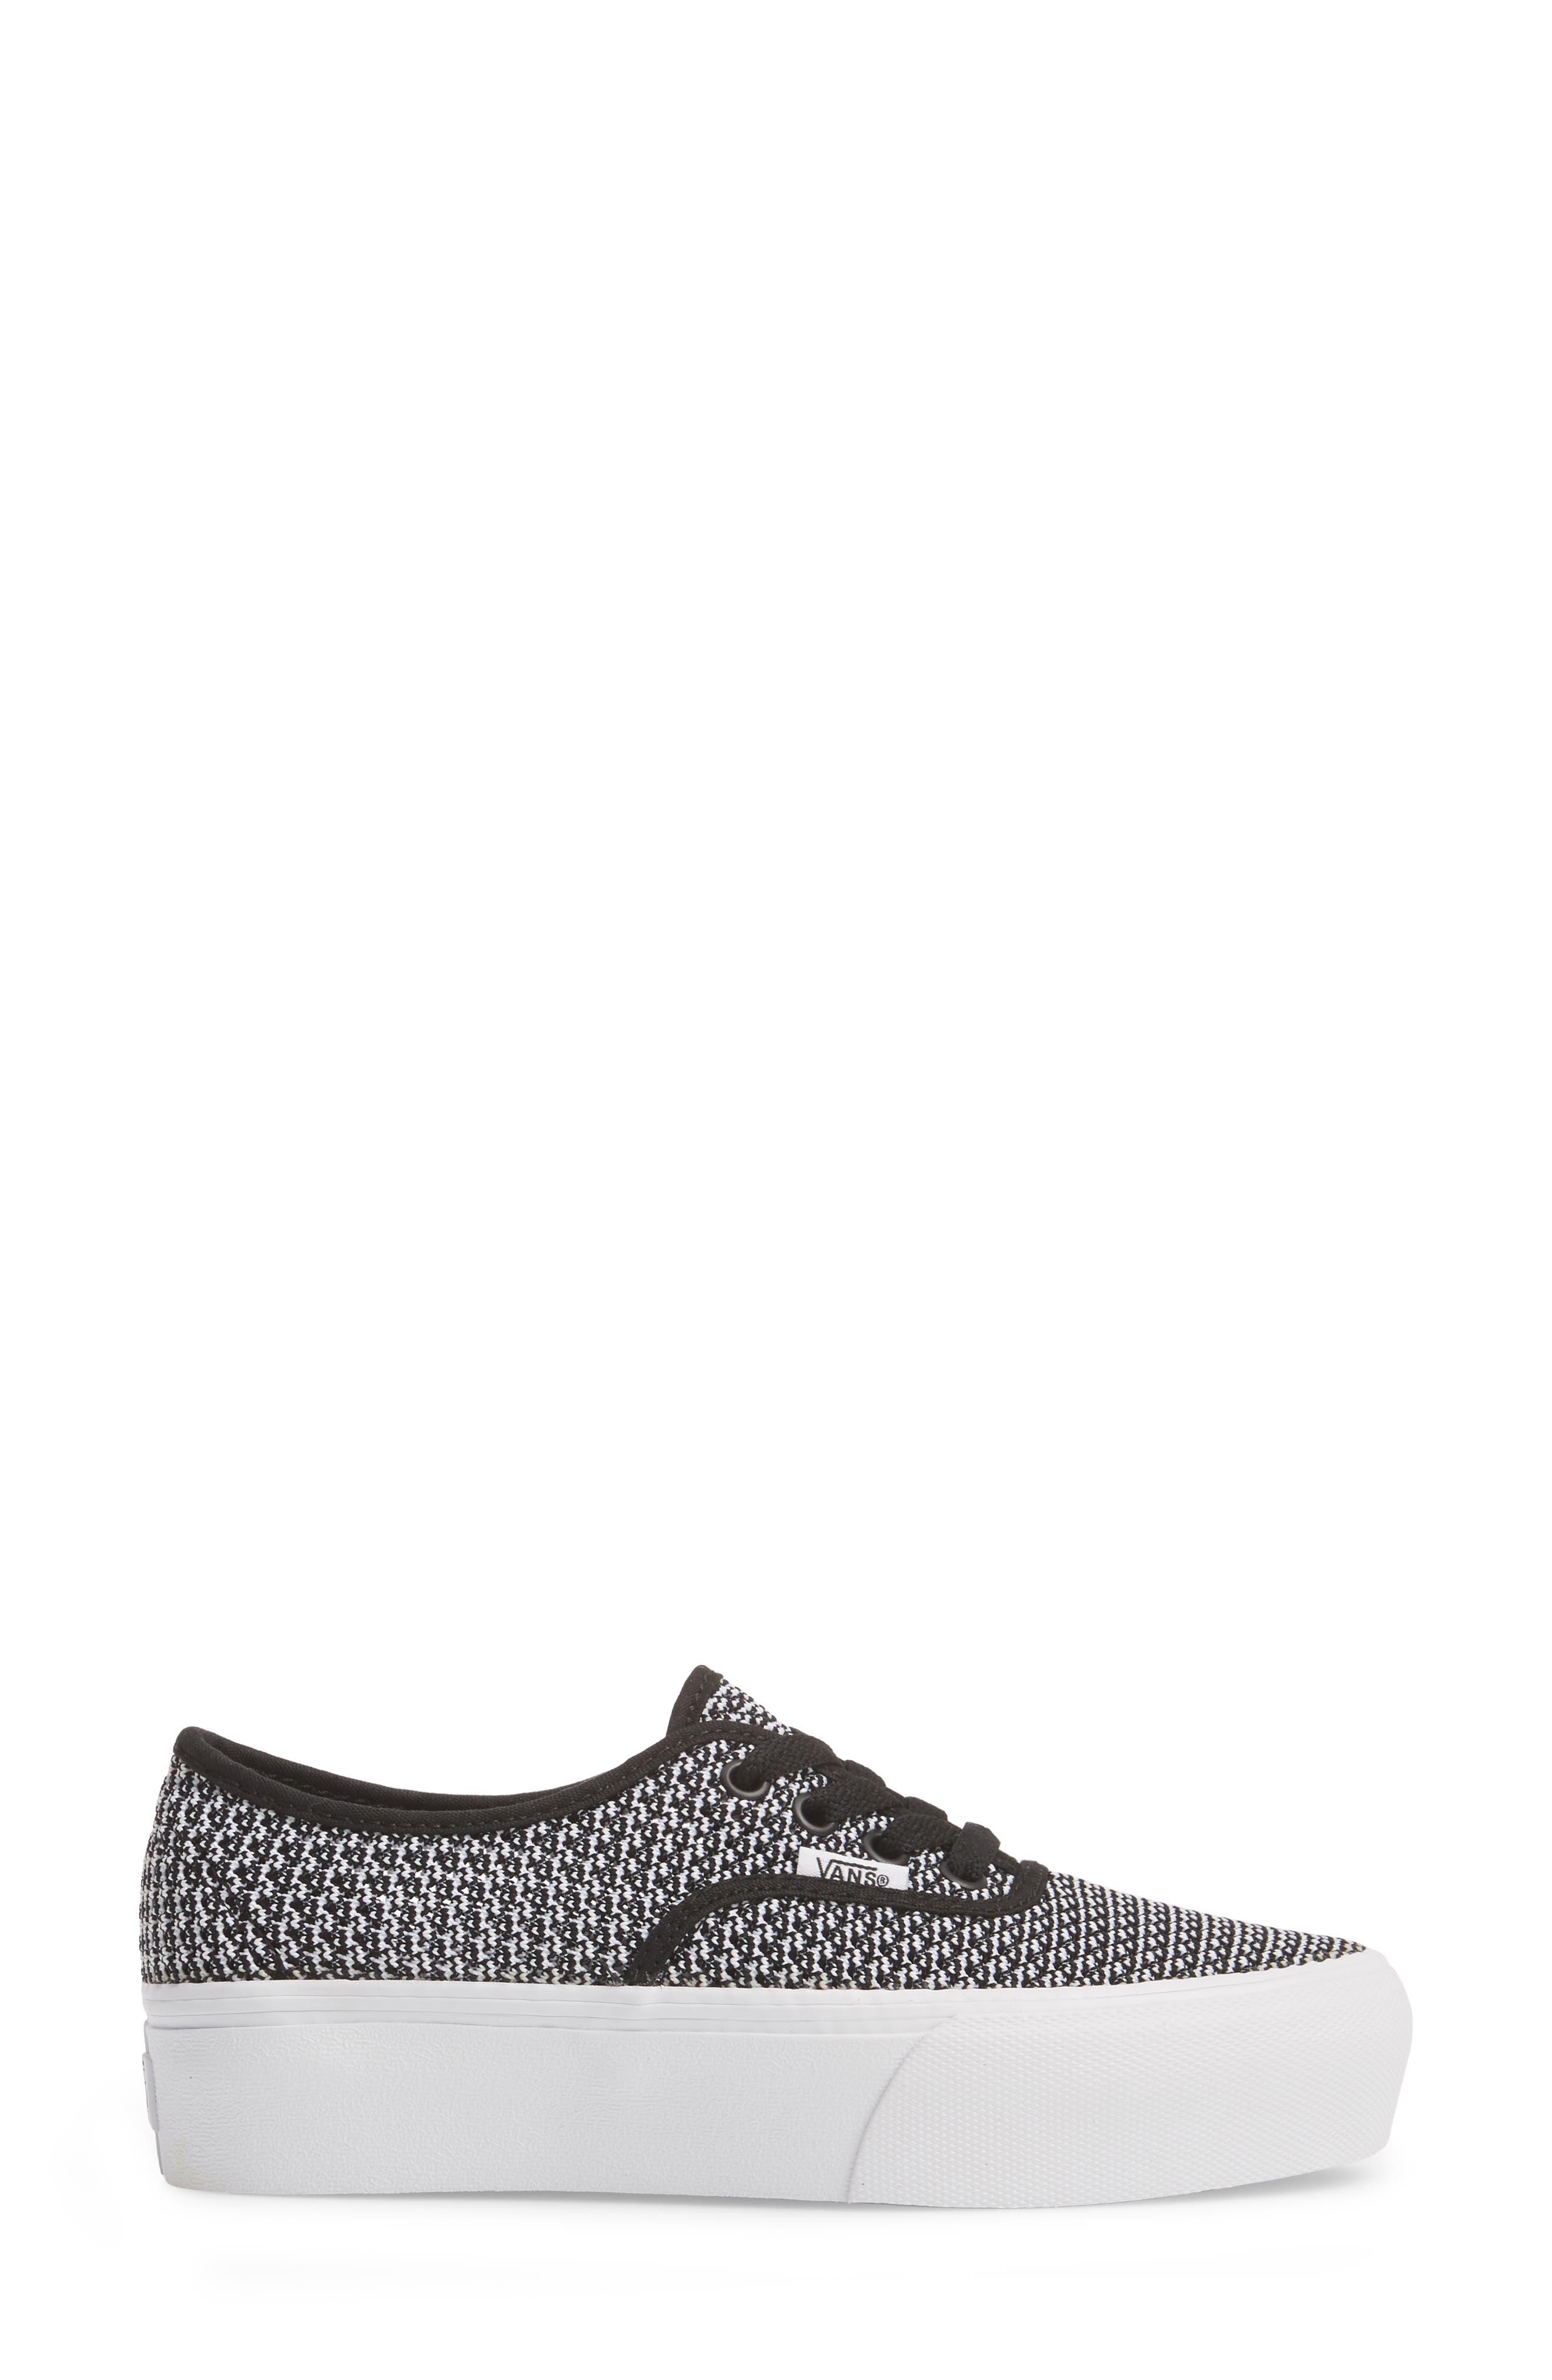 VANS,                             'Authentic' Platform Sneaker,                             Alternate thumbnail 3, color,                             004